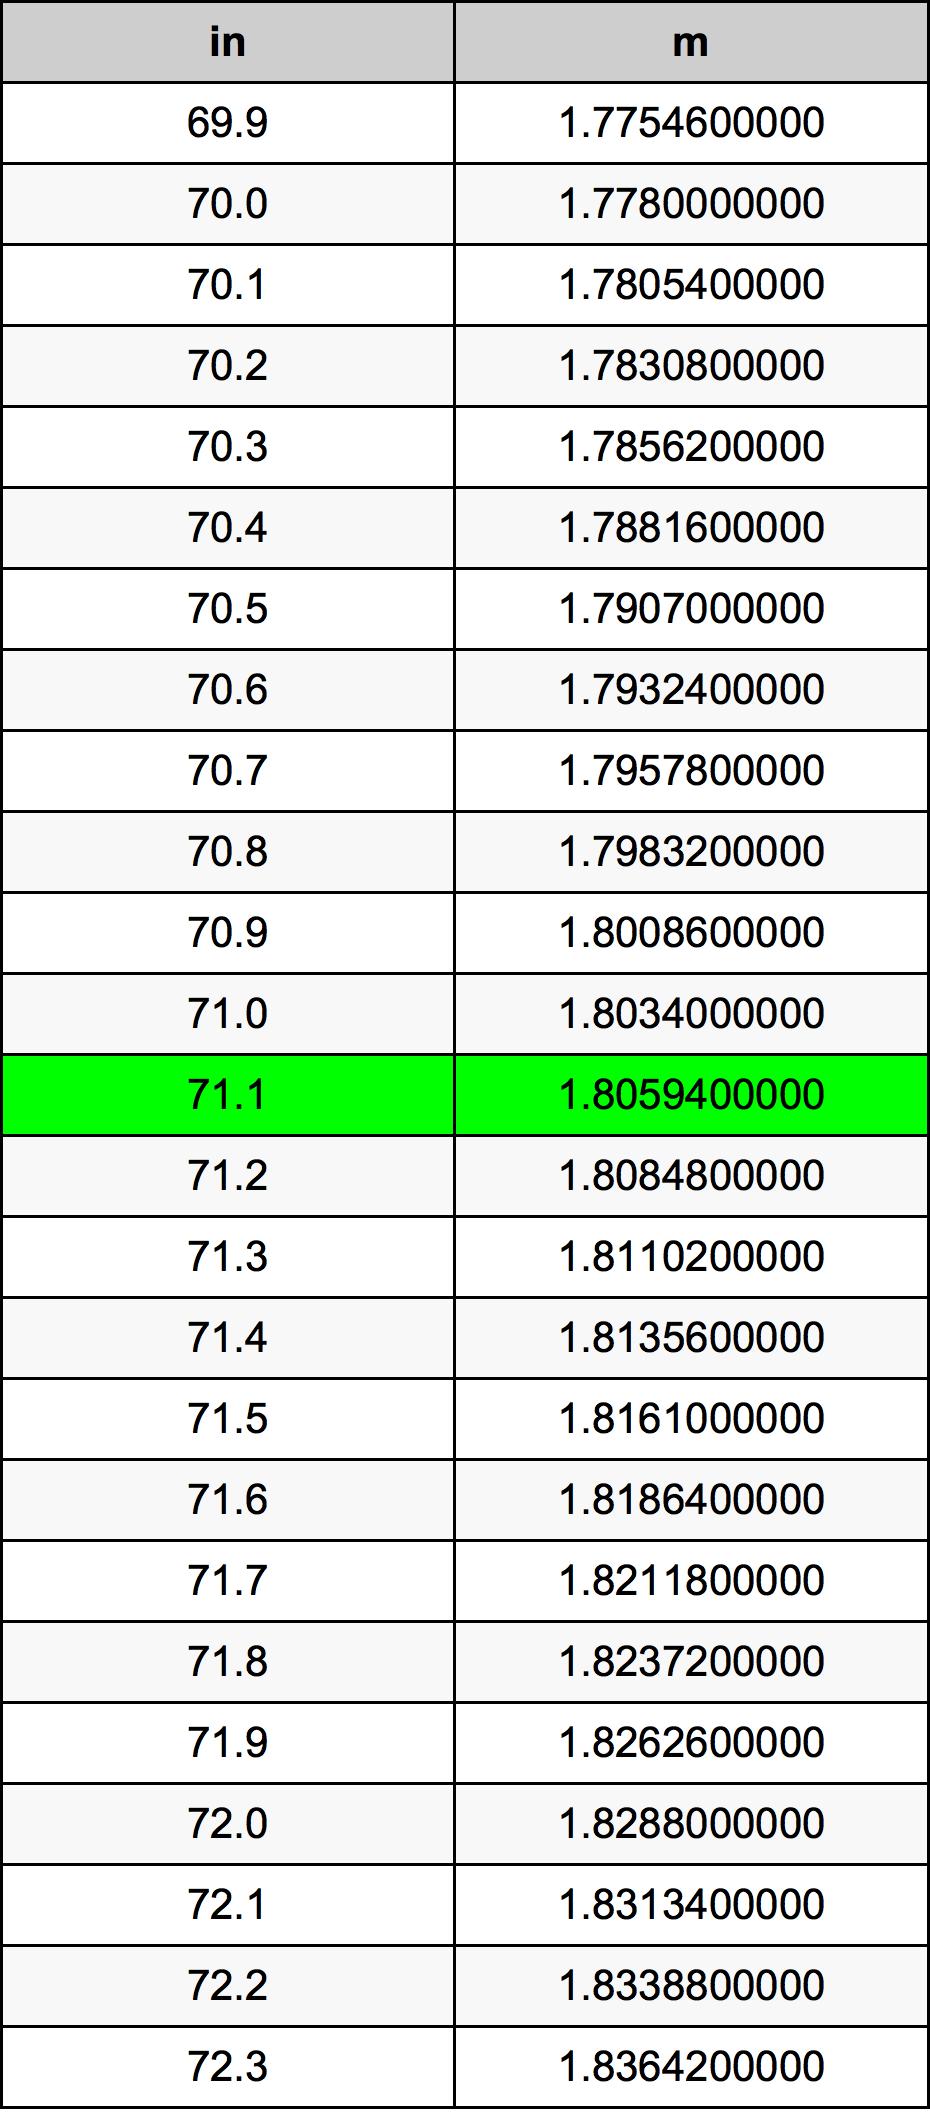 71.1 Inch conversietabel